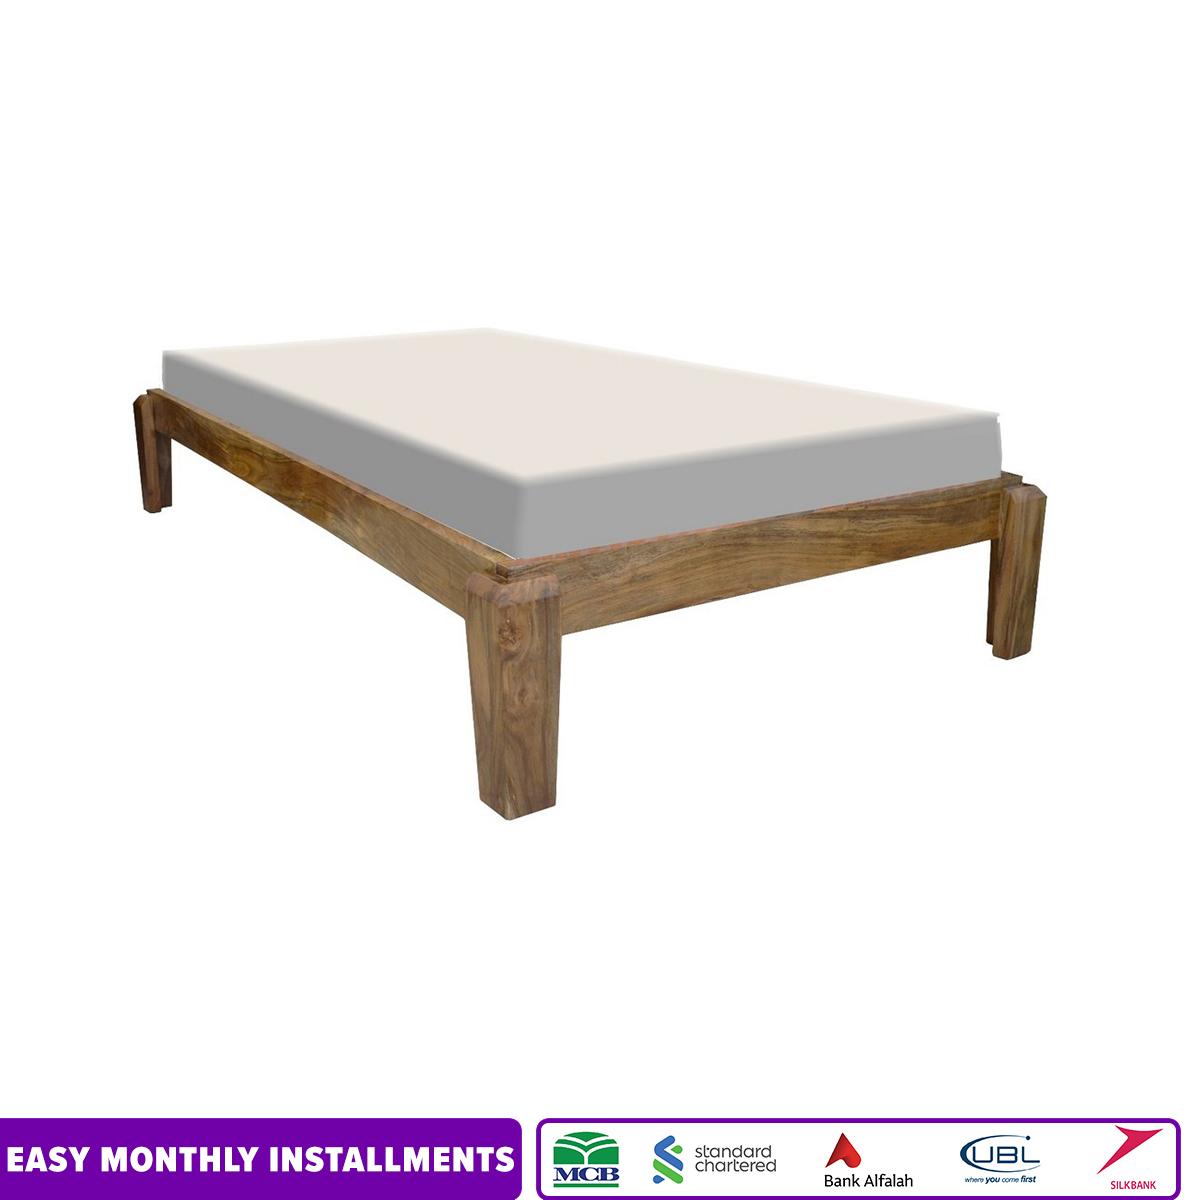 Single bed Wooden Single Platform Bed Natural Acacia Wood